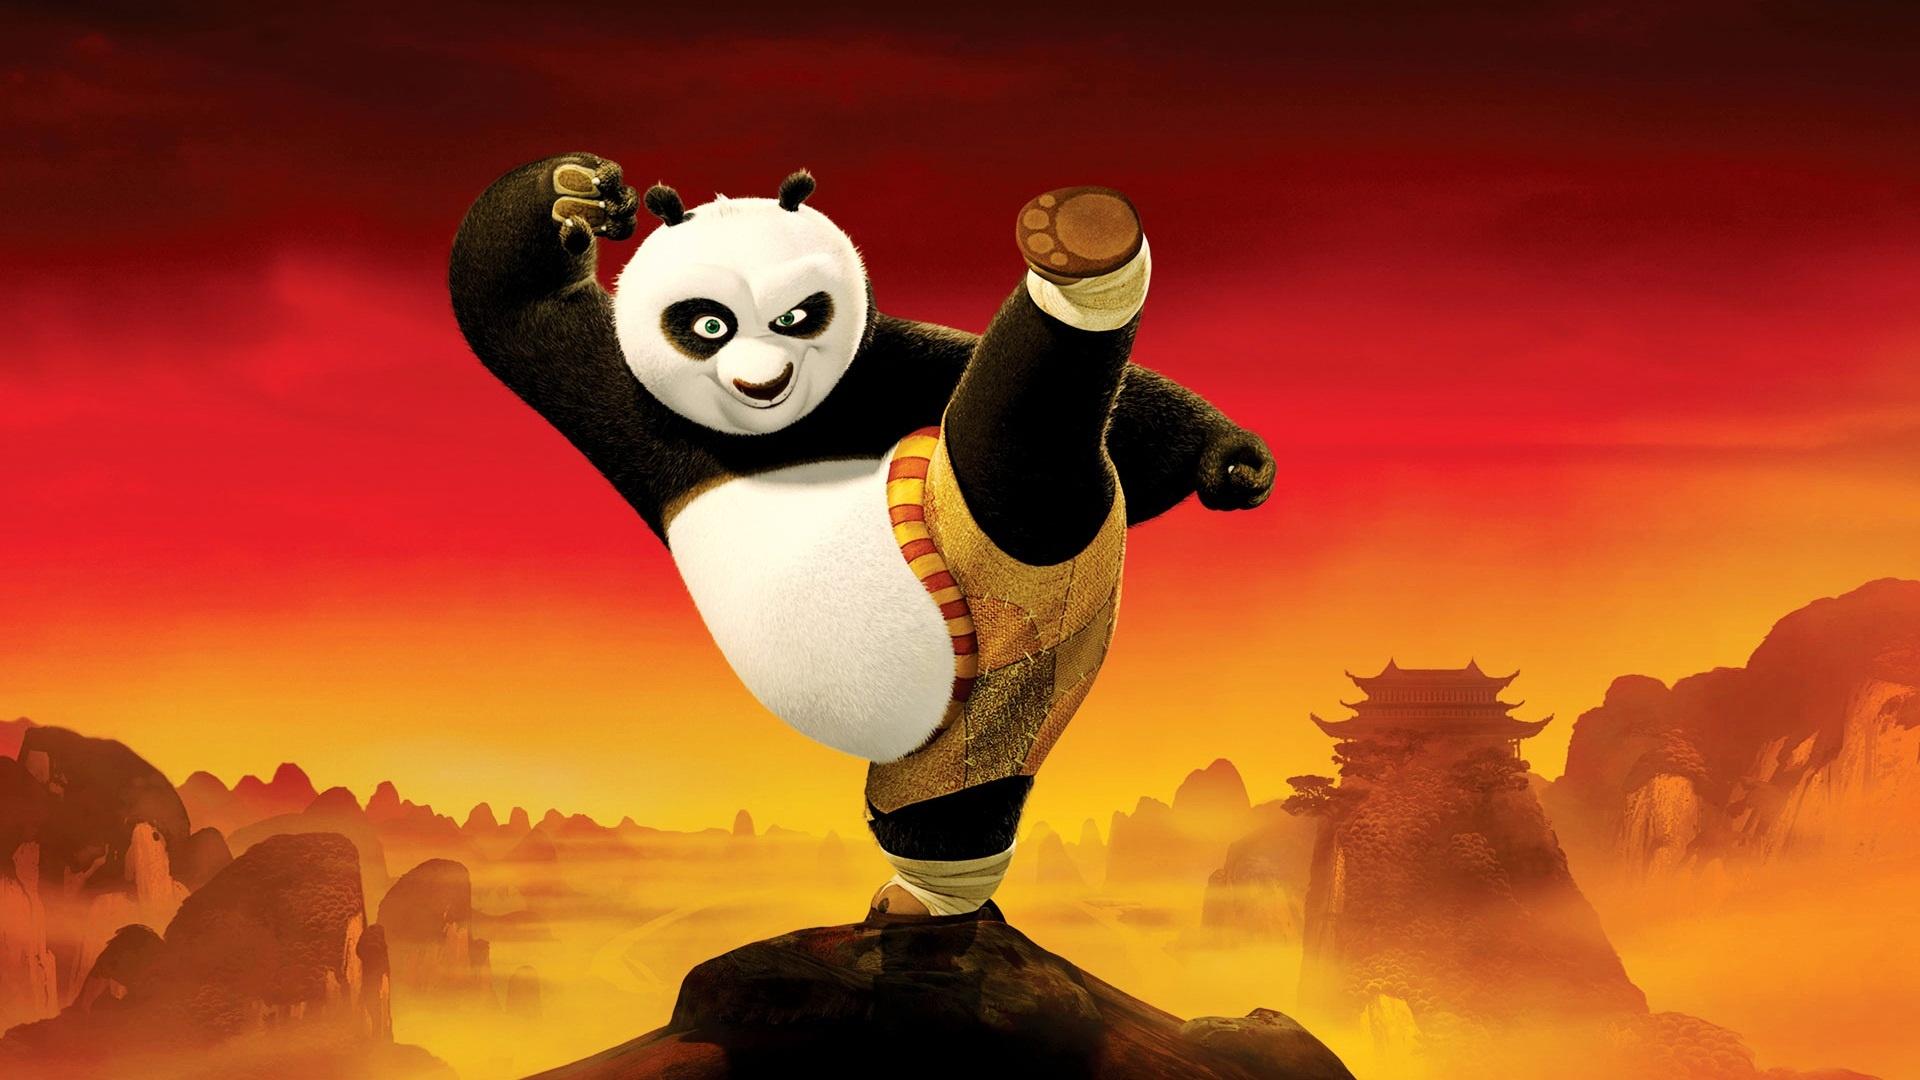 мультик, анимэ, панда